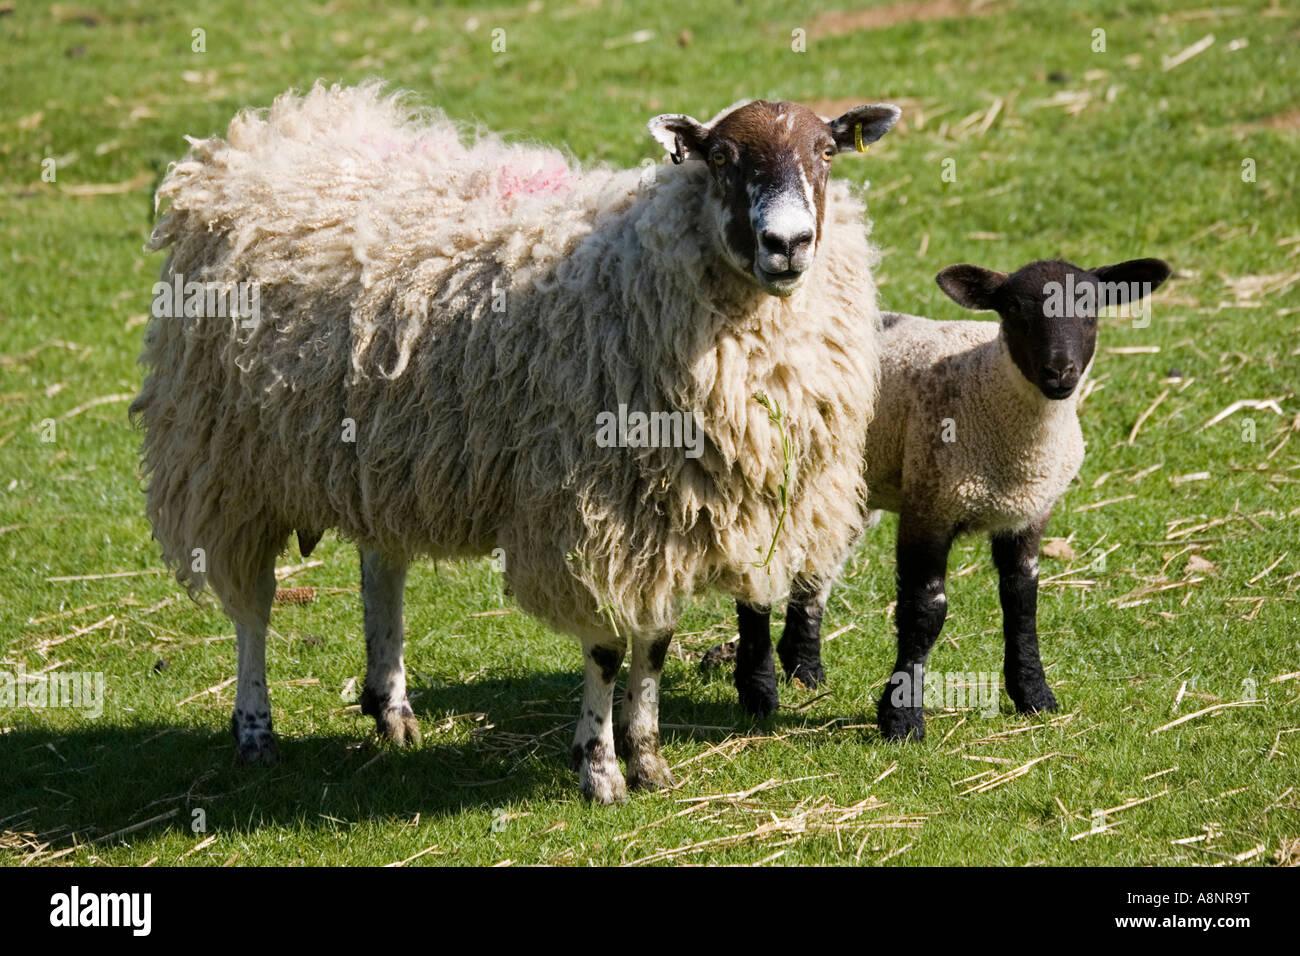 Masham ewe sheep with lamb on fresh pasture Cotswolds UK - Stock Image